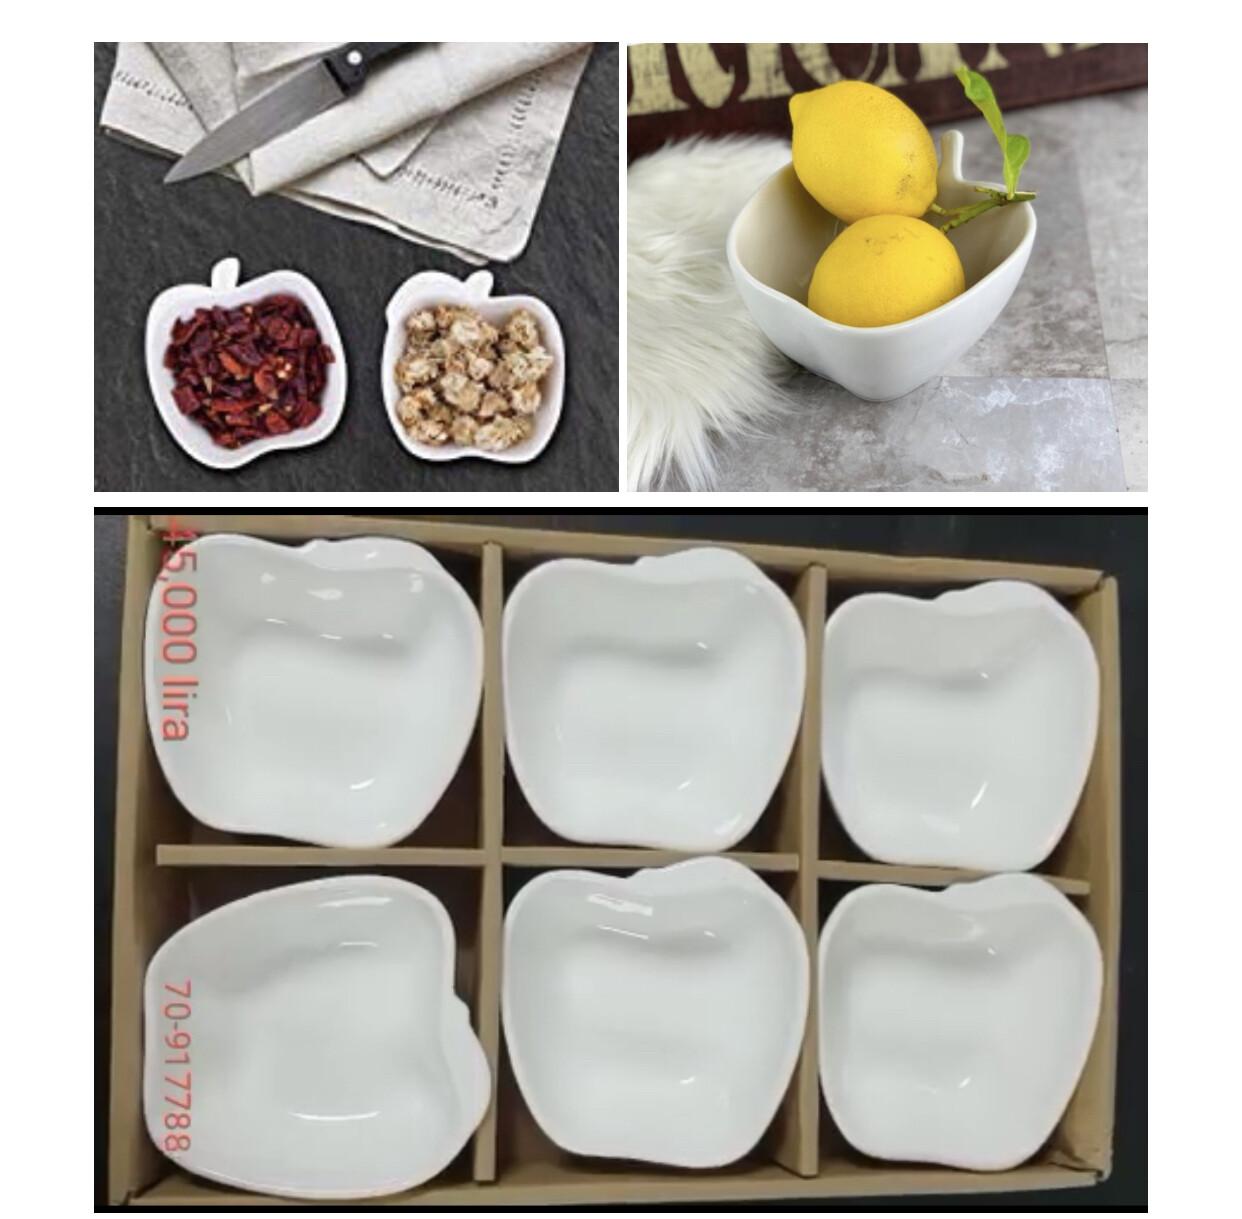 6-Pcs Porcelain Bowls